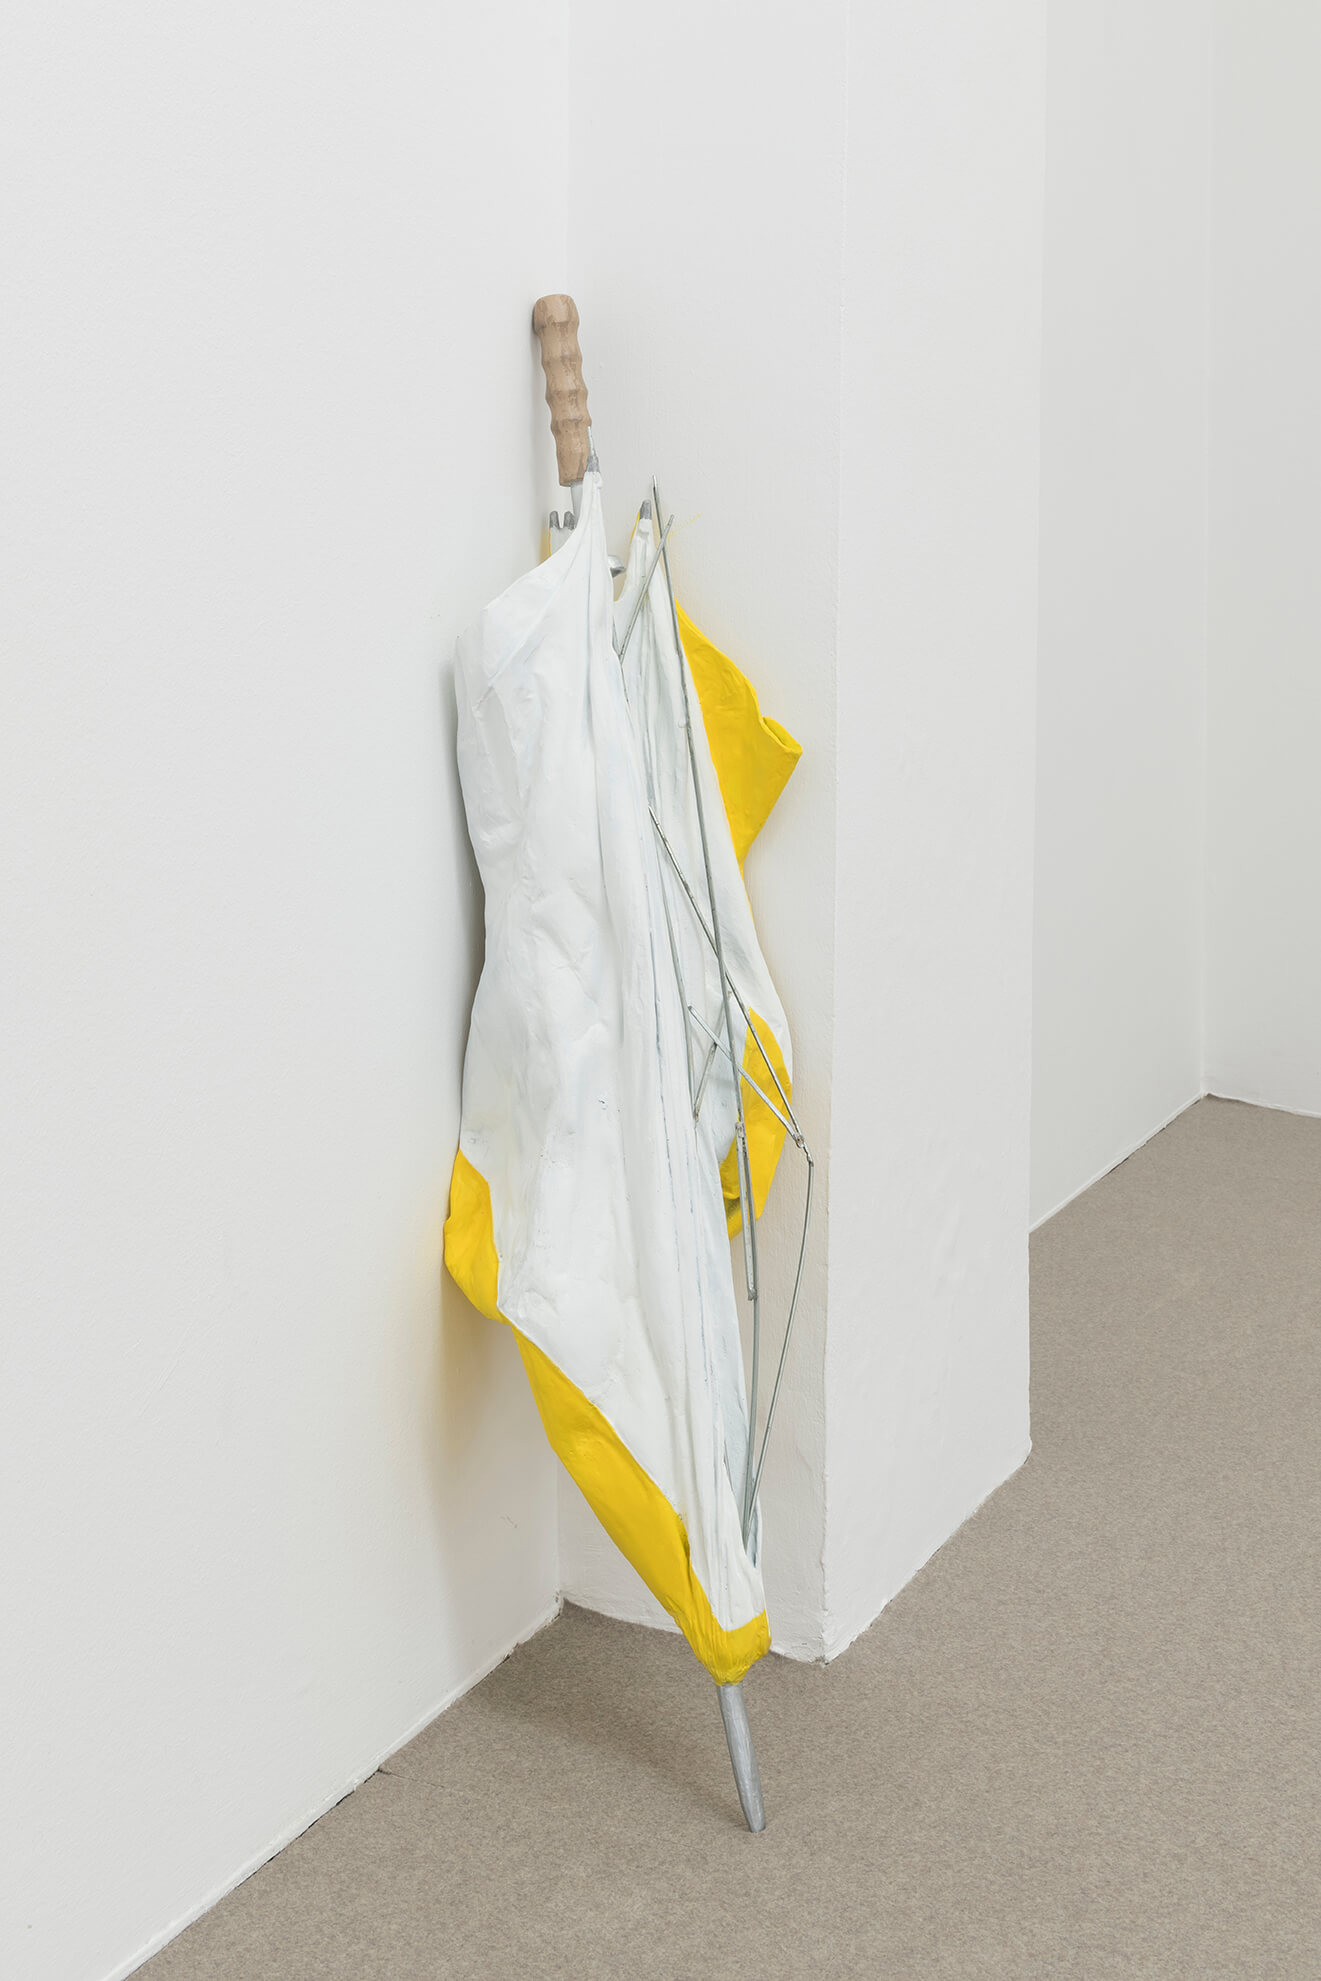 Precipitation (yellow and white), 2019 | America | ProjecteSD